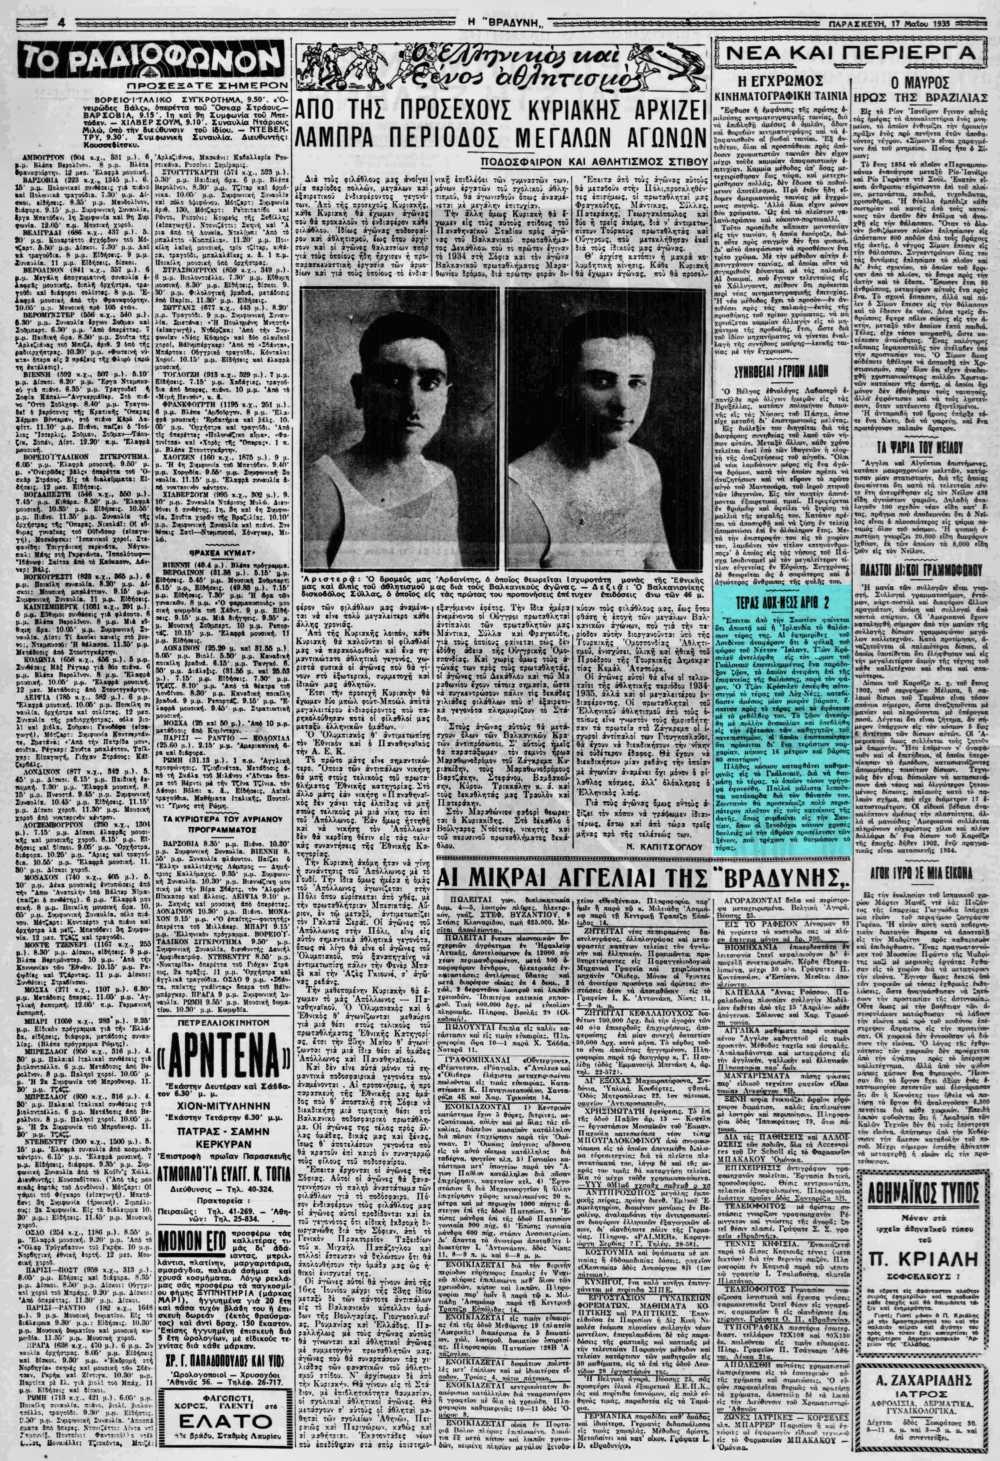 """Το άρθρο, όπως δημοσιεύθηκε στην εφημερίδα """"Η ΒΡΑΔΥΝΗ"""", στις 17/05/1935"""